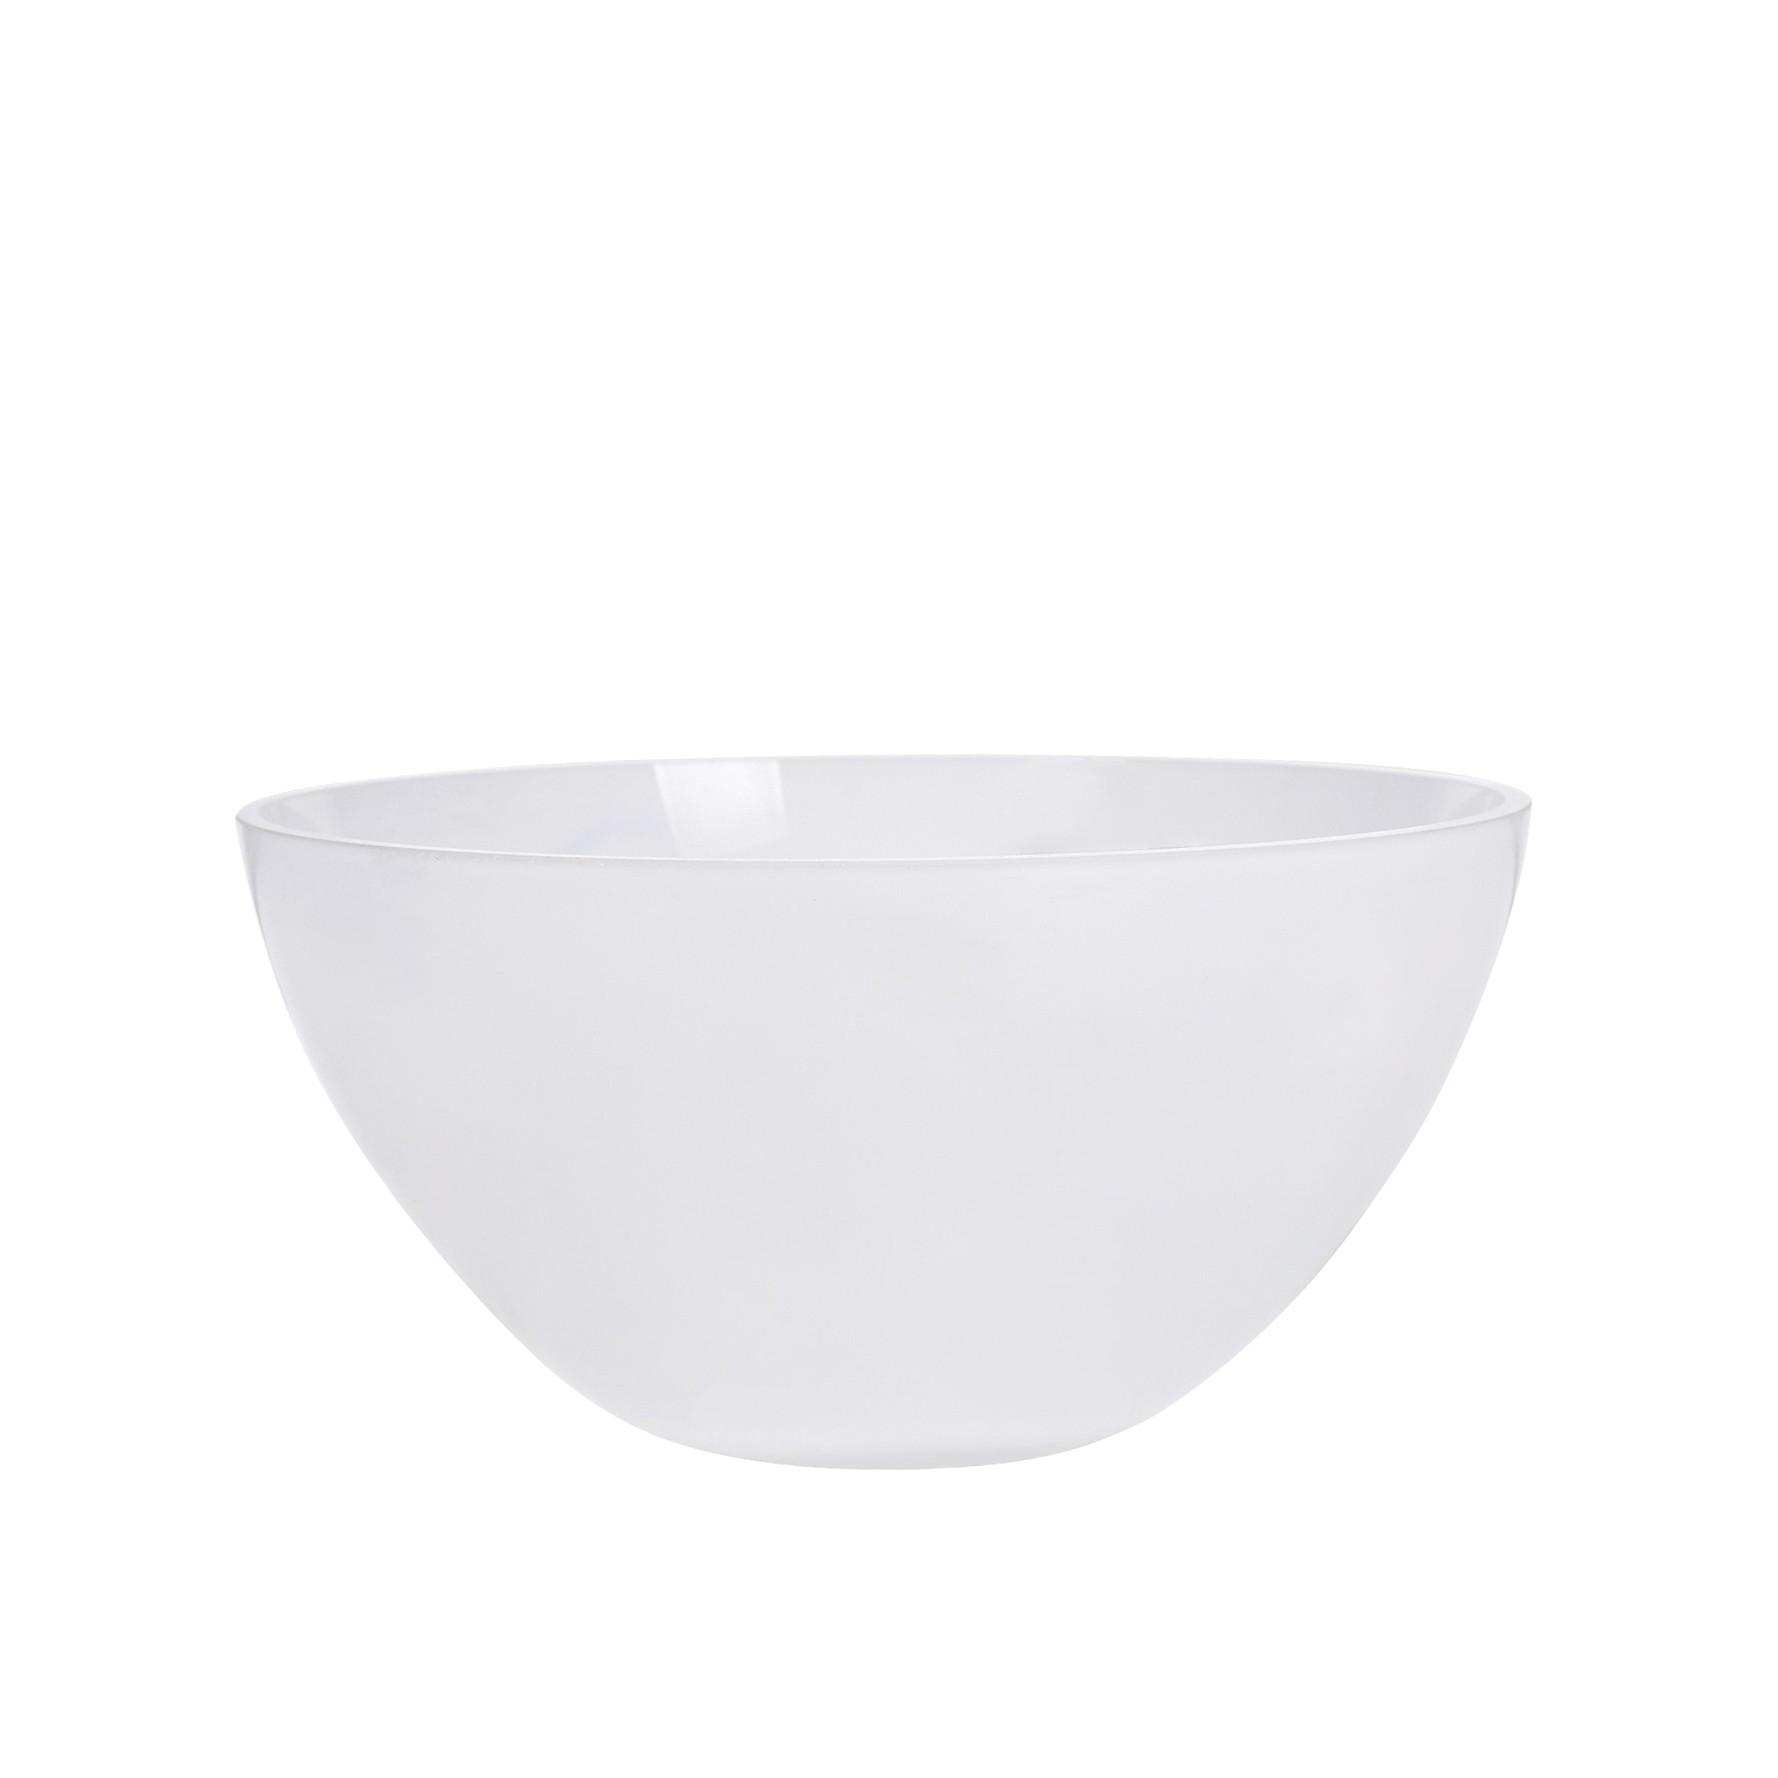 Tigela de Vidro Bowl 16x8 cm Branco - GPresentes